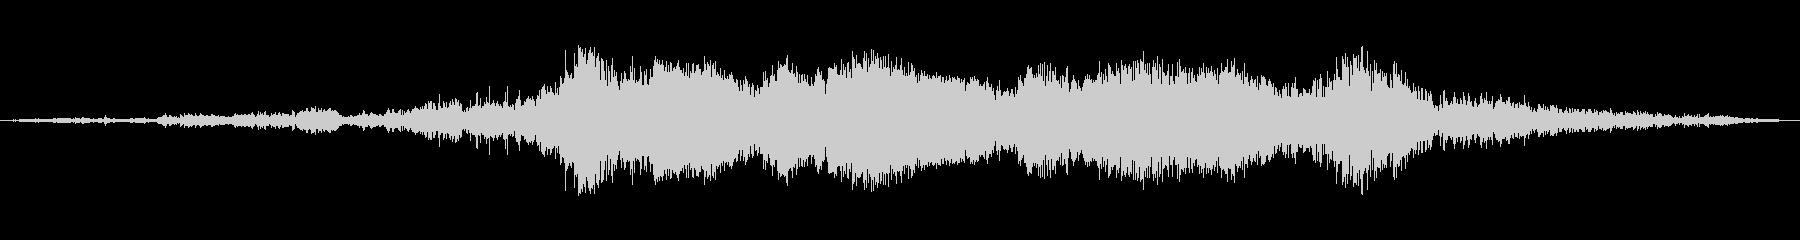 AVALANCHE:重度のデブリフ...の未再生の波形